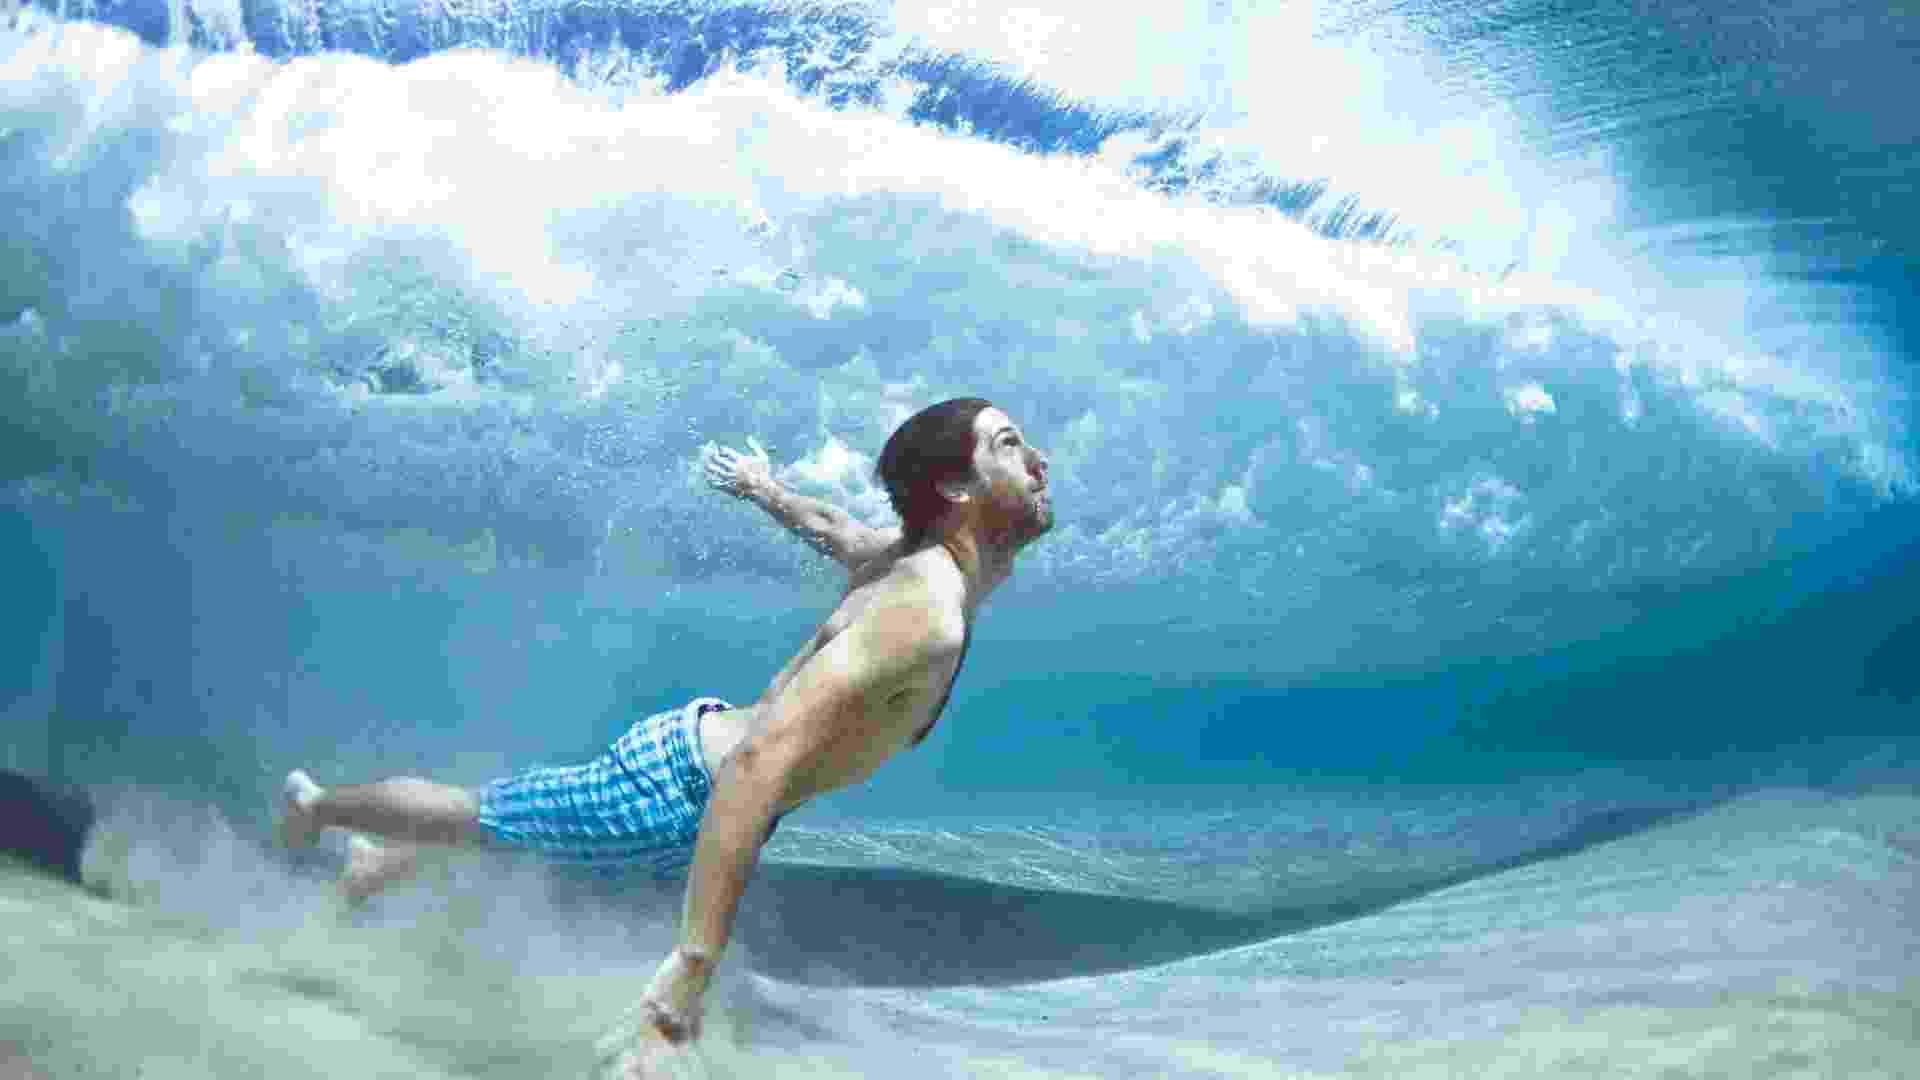 O fotógrafo Mark Tipple vem divulgando imagens debaixo d'água desde 2009, mas algumas das novas fotos da série foram feitas este ano - Mark Tipple